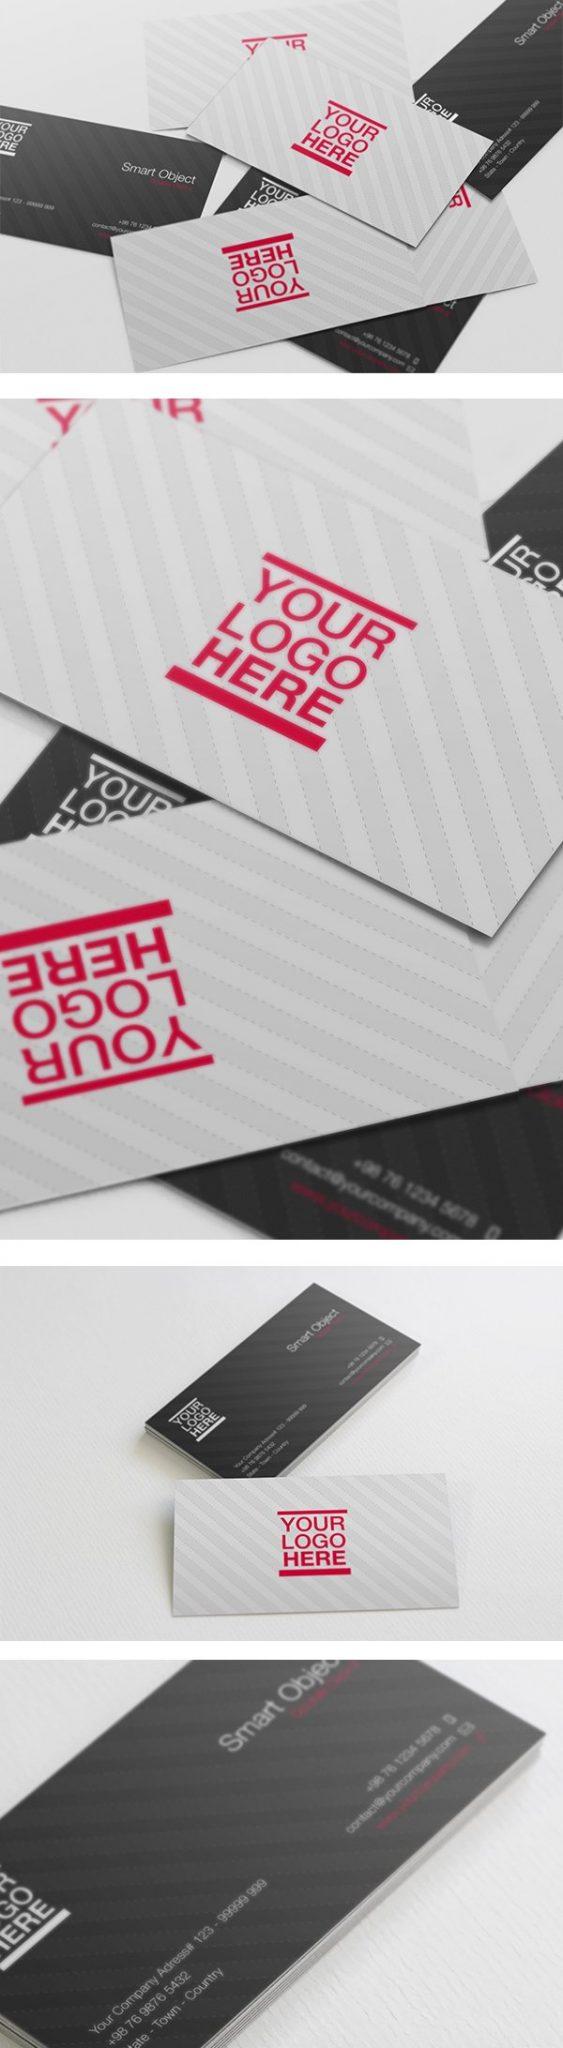 Tarjeta de visita de mockups PSD gratis vol. 1